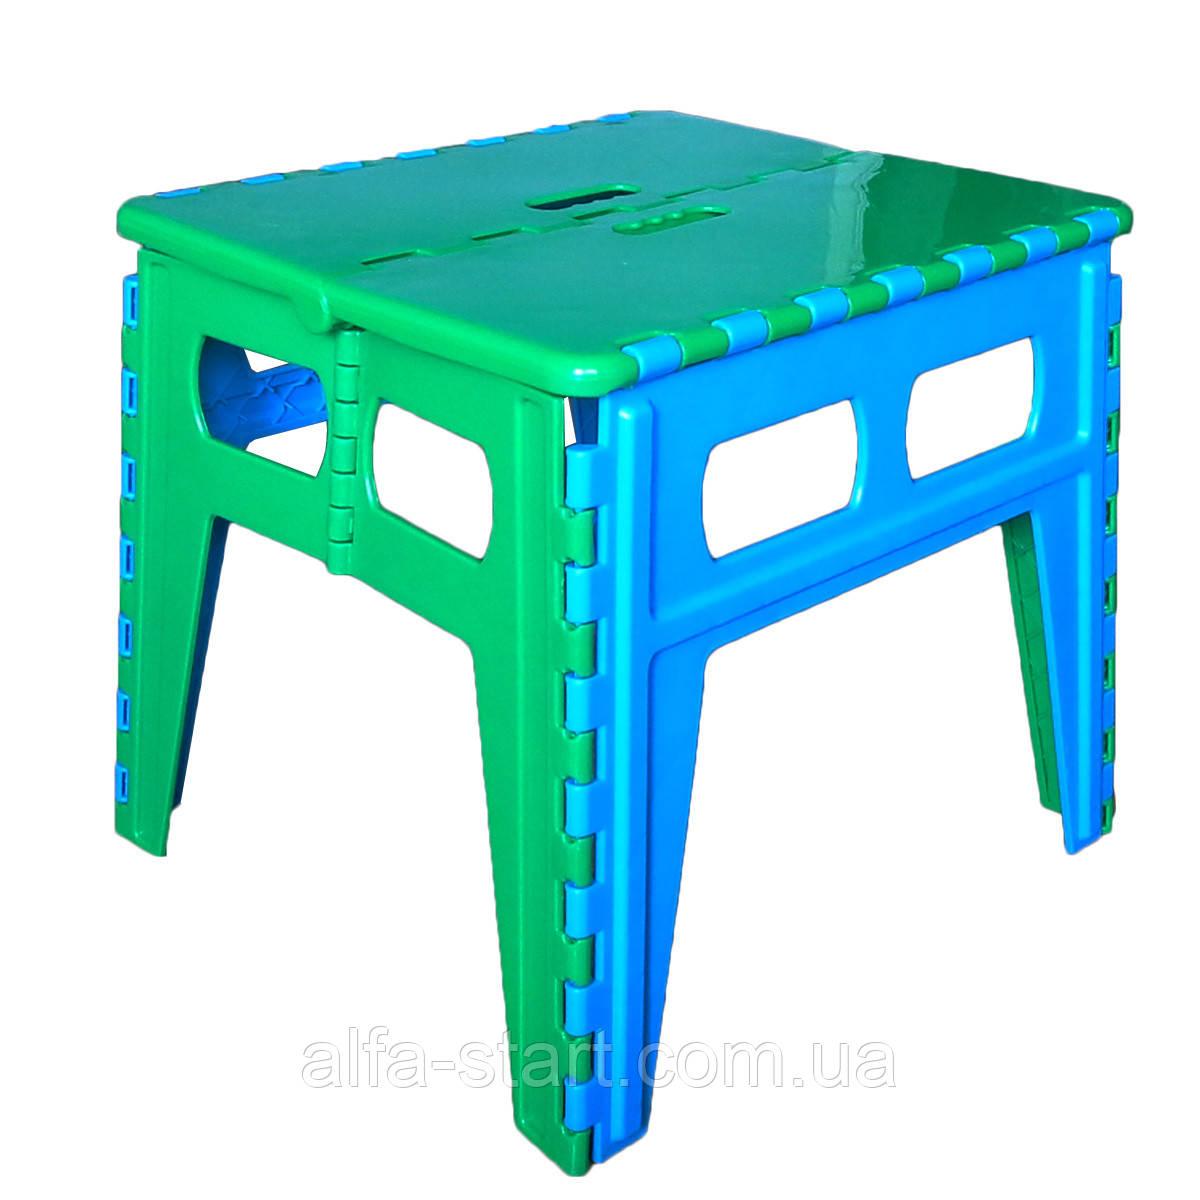 Пластиковый большой раскладной стул табурет до 100кг